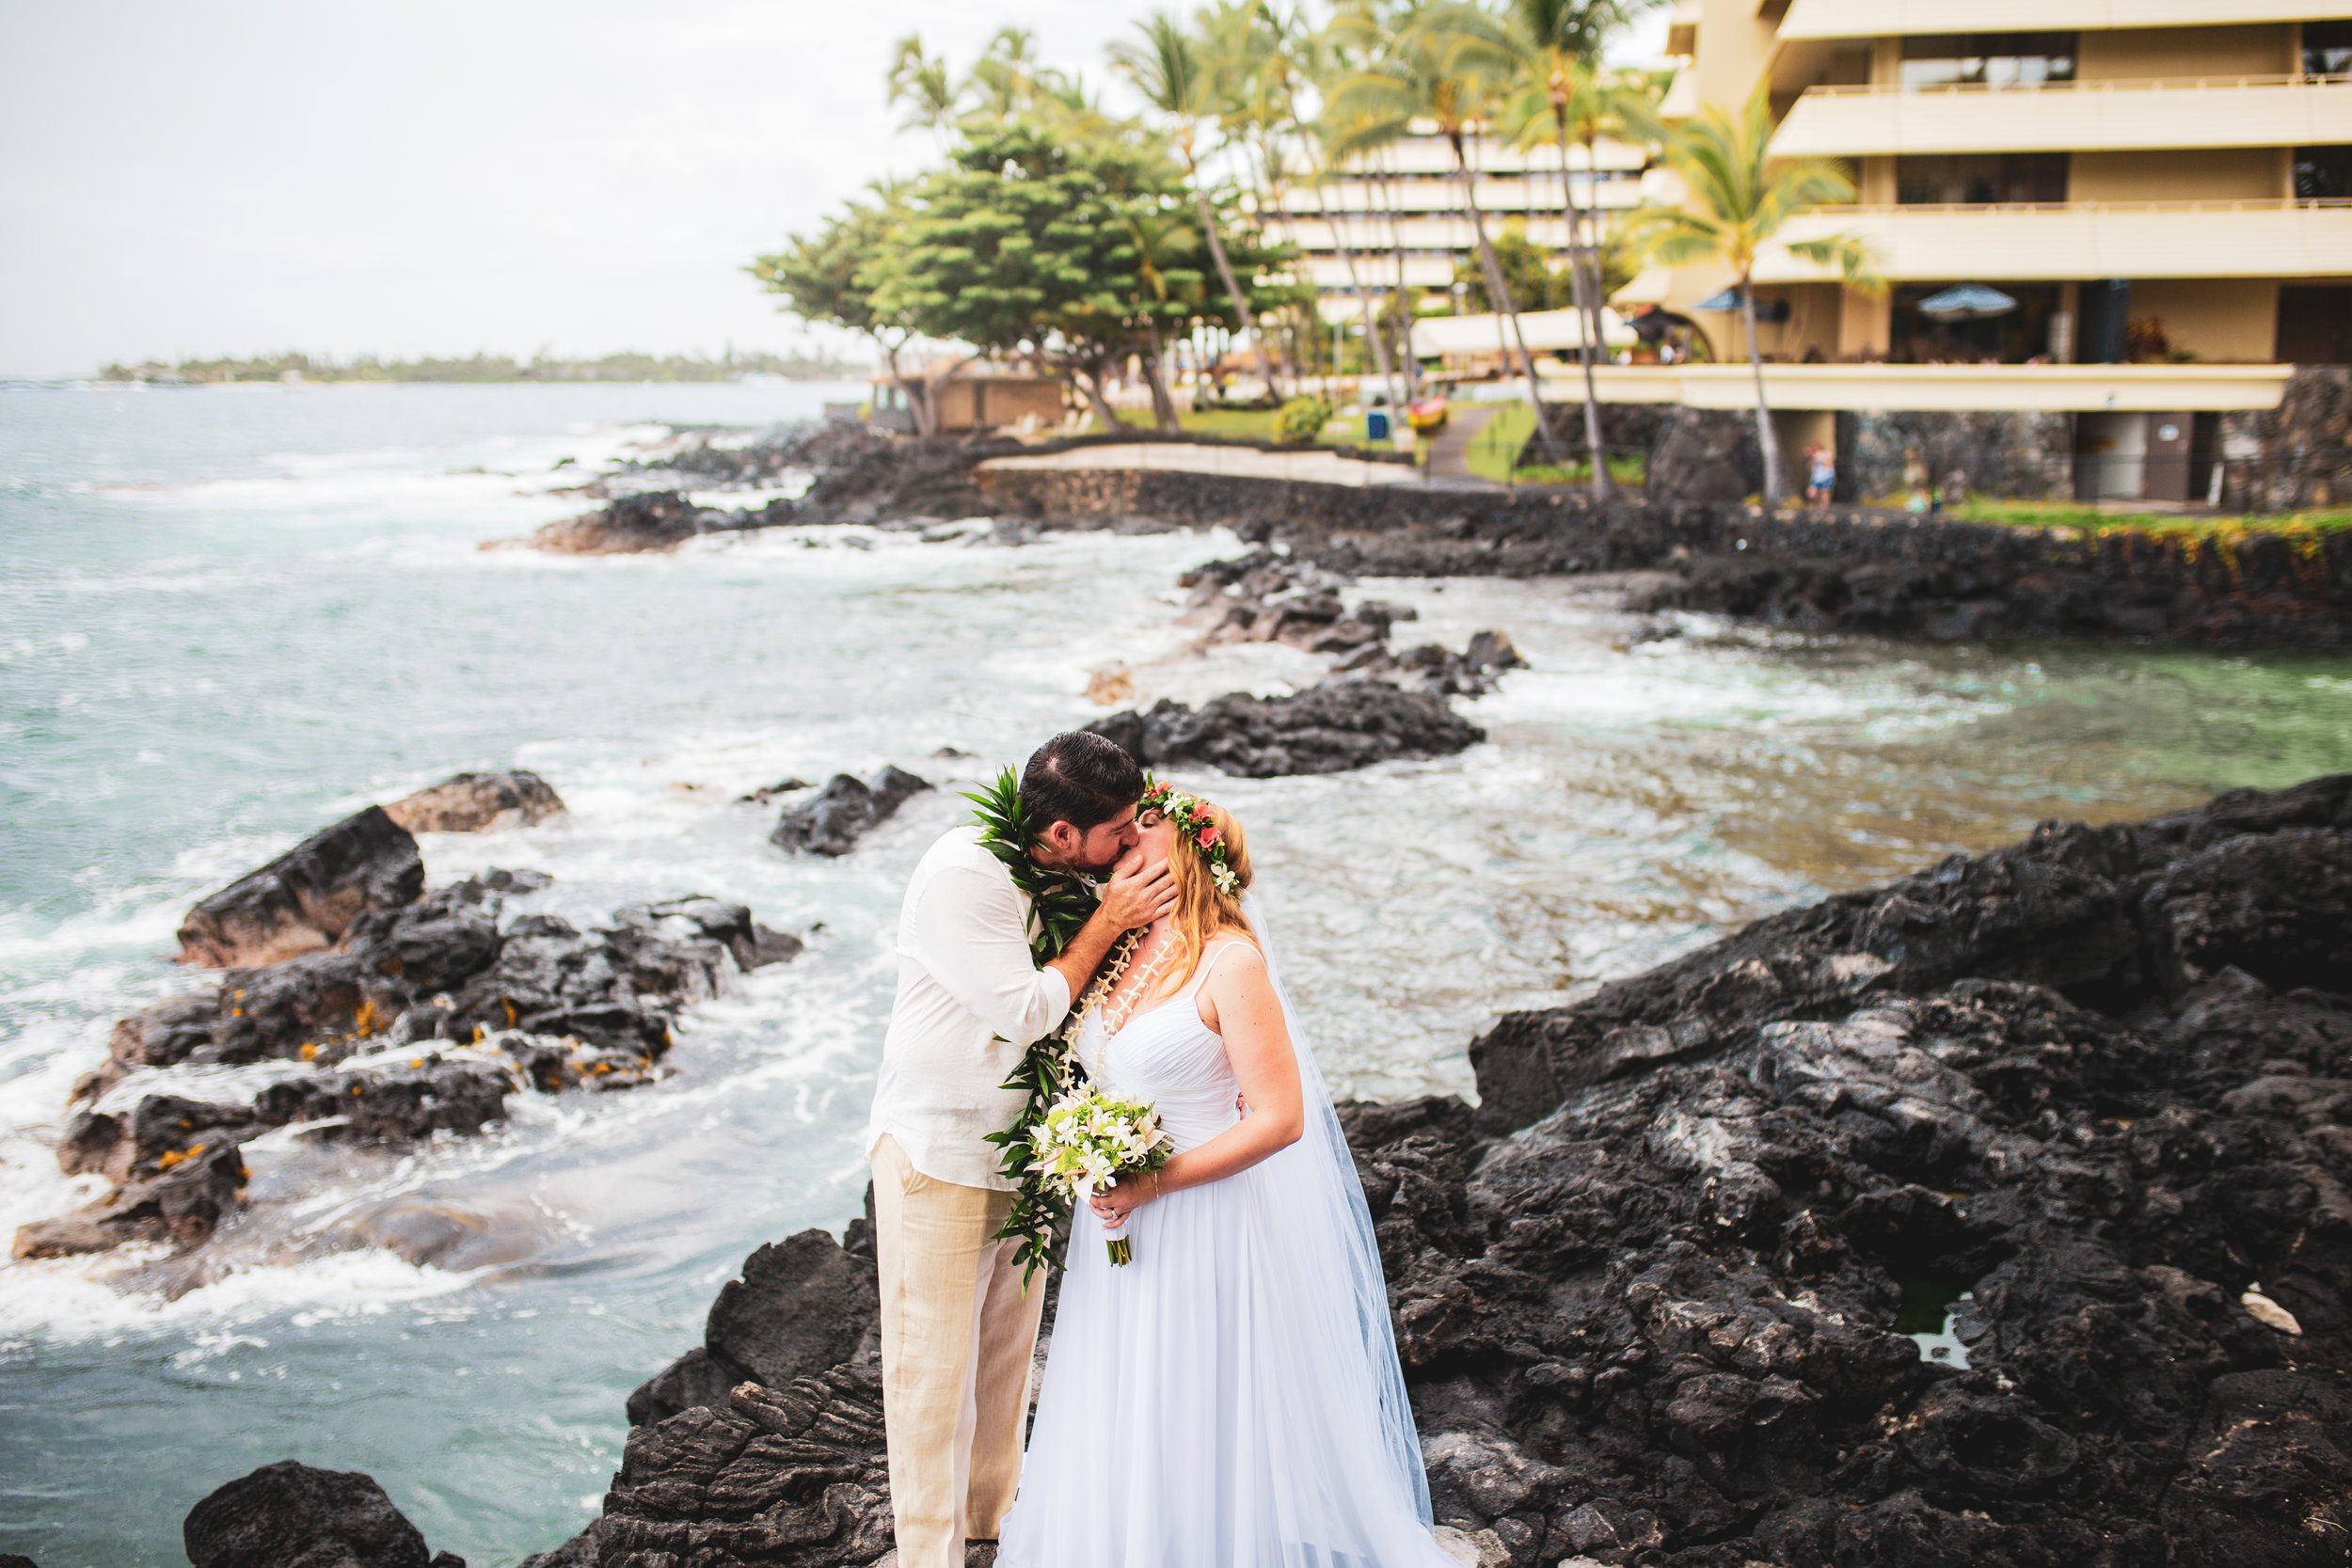 big island hawaii royal kona resort beach wedding kelilina photography  20190730155927.jpg